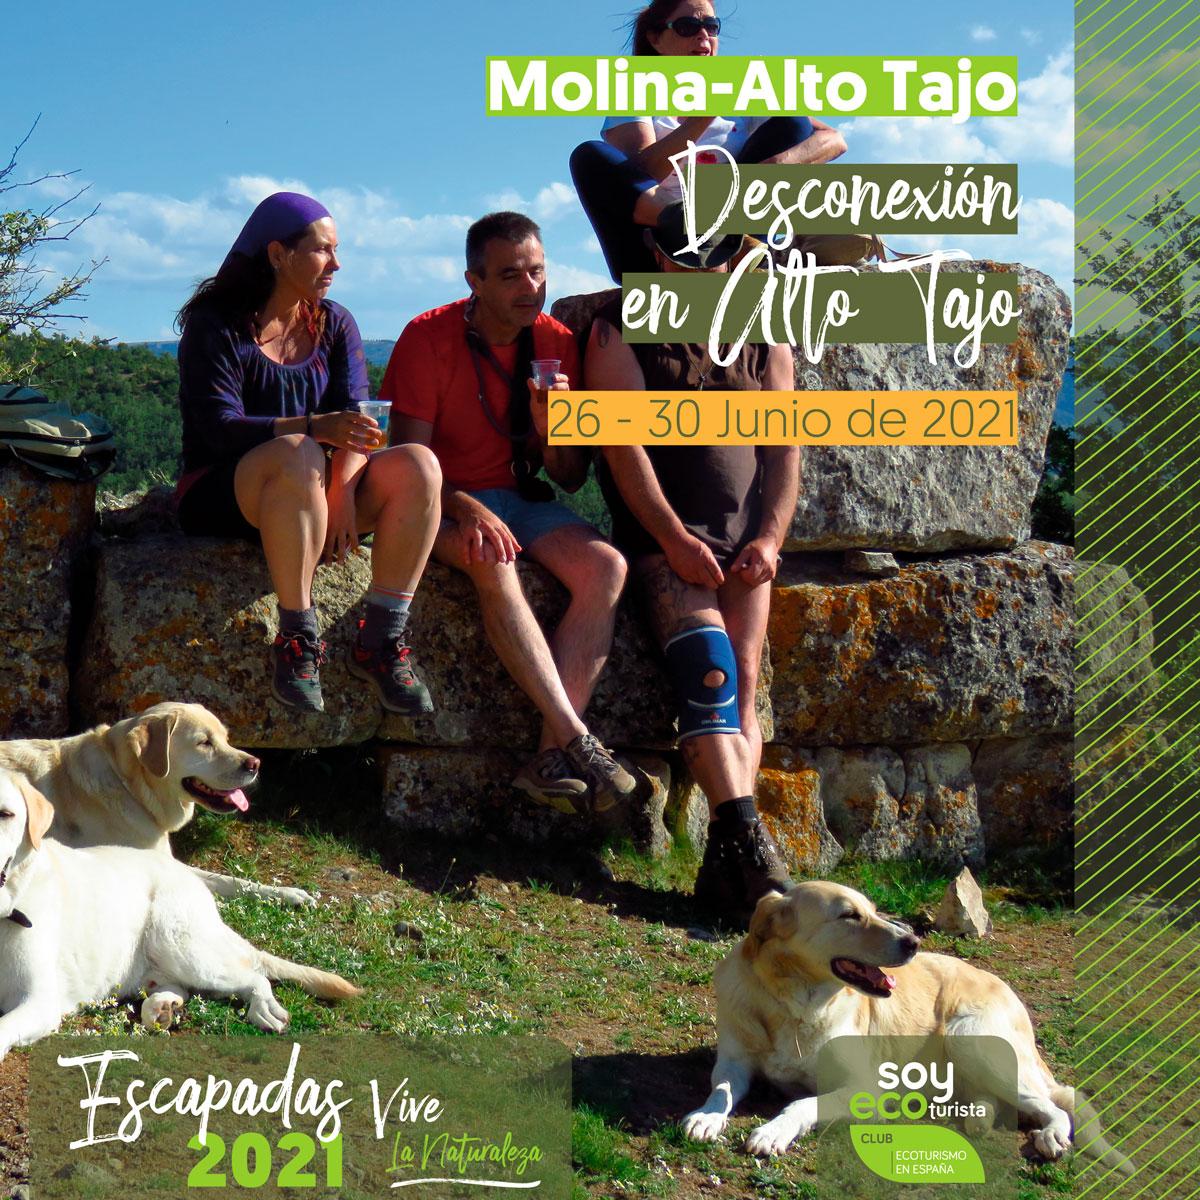 Despídete de la primavera con estas tres escapadas en junio - Molina Alto Tajo